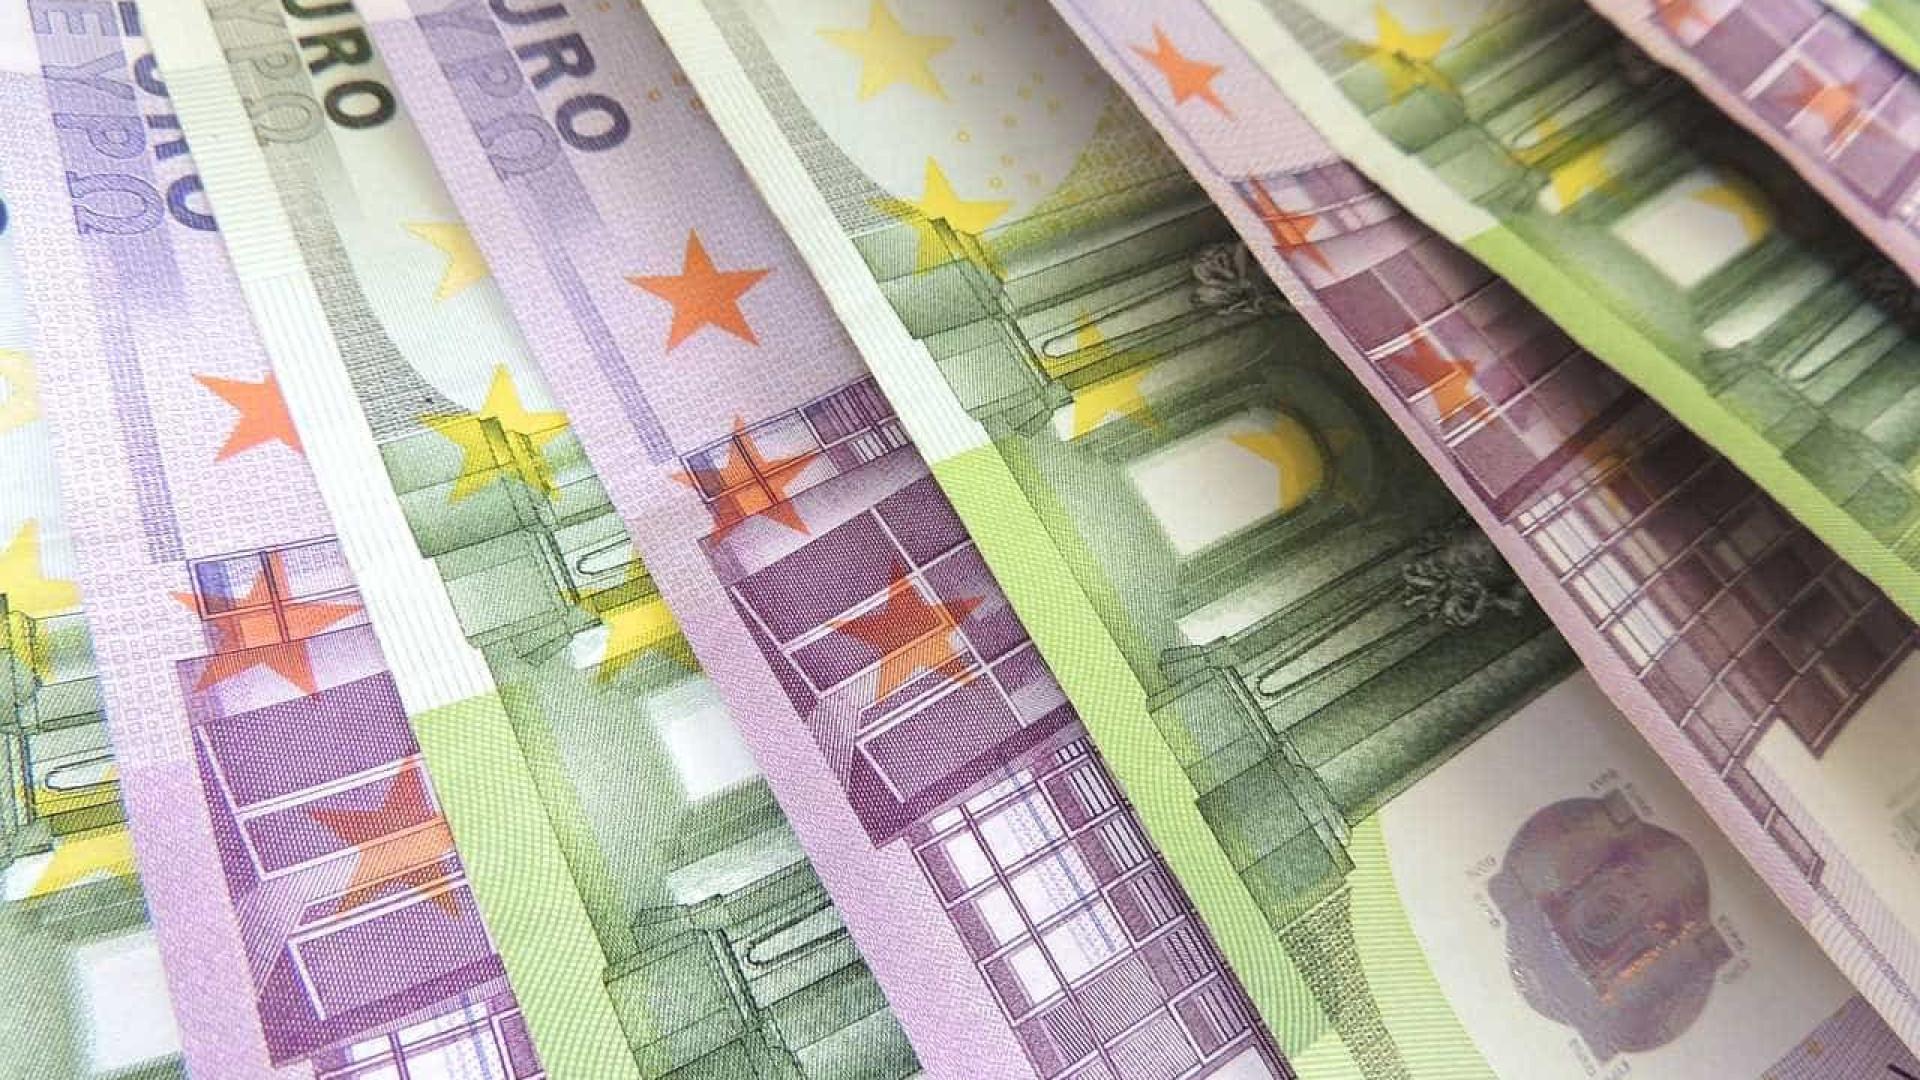 Ameaças a bancos centrais trazem riscos à economia, diz Draghi